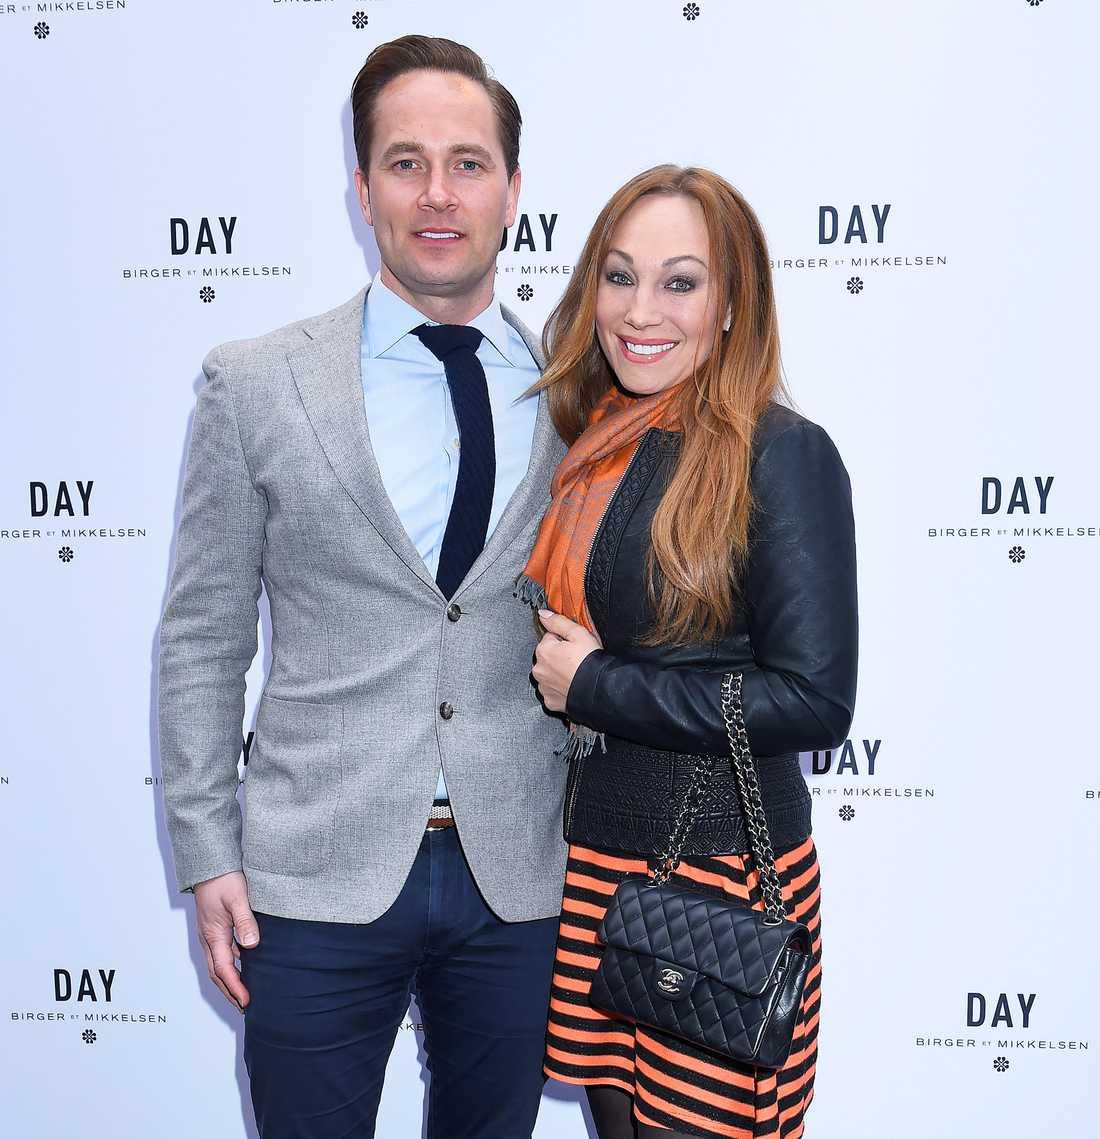 Anders Jensen och Charlotte Jensen Perrelli har gift sig.